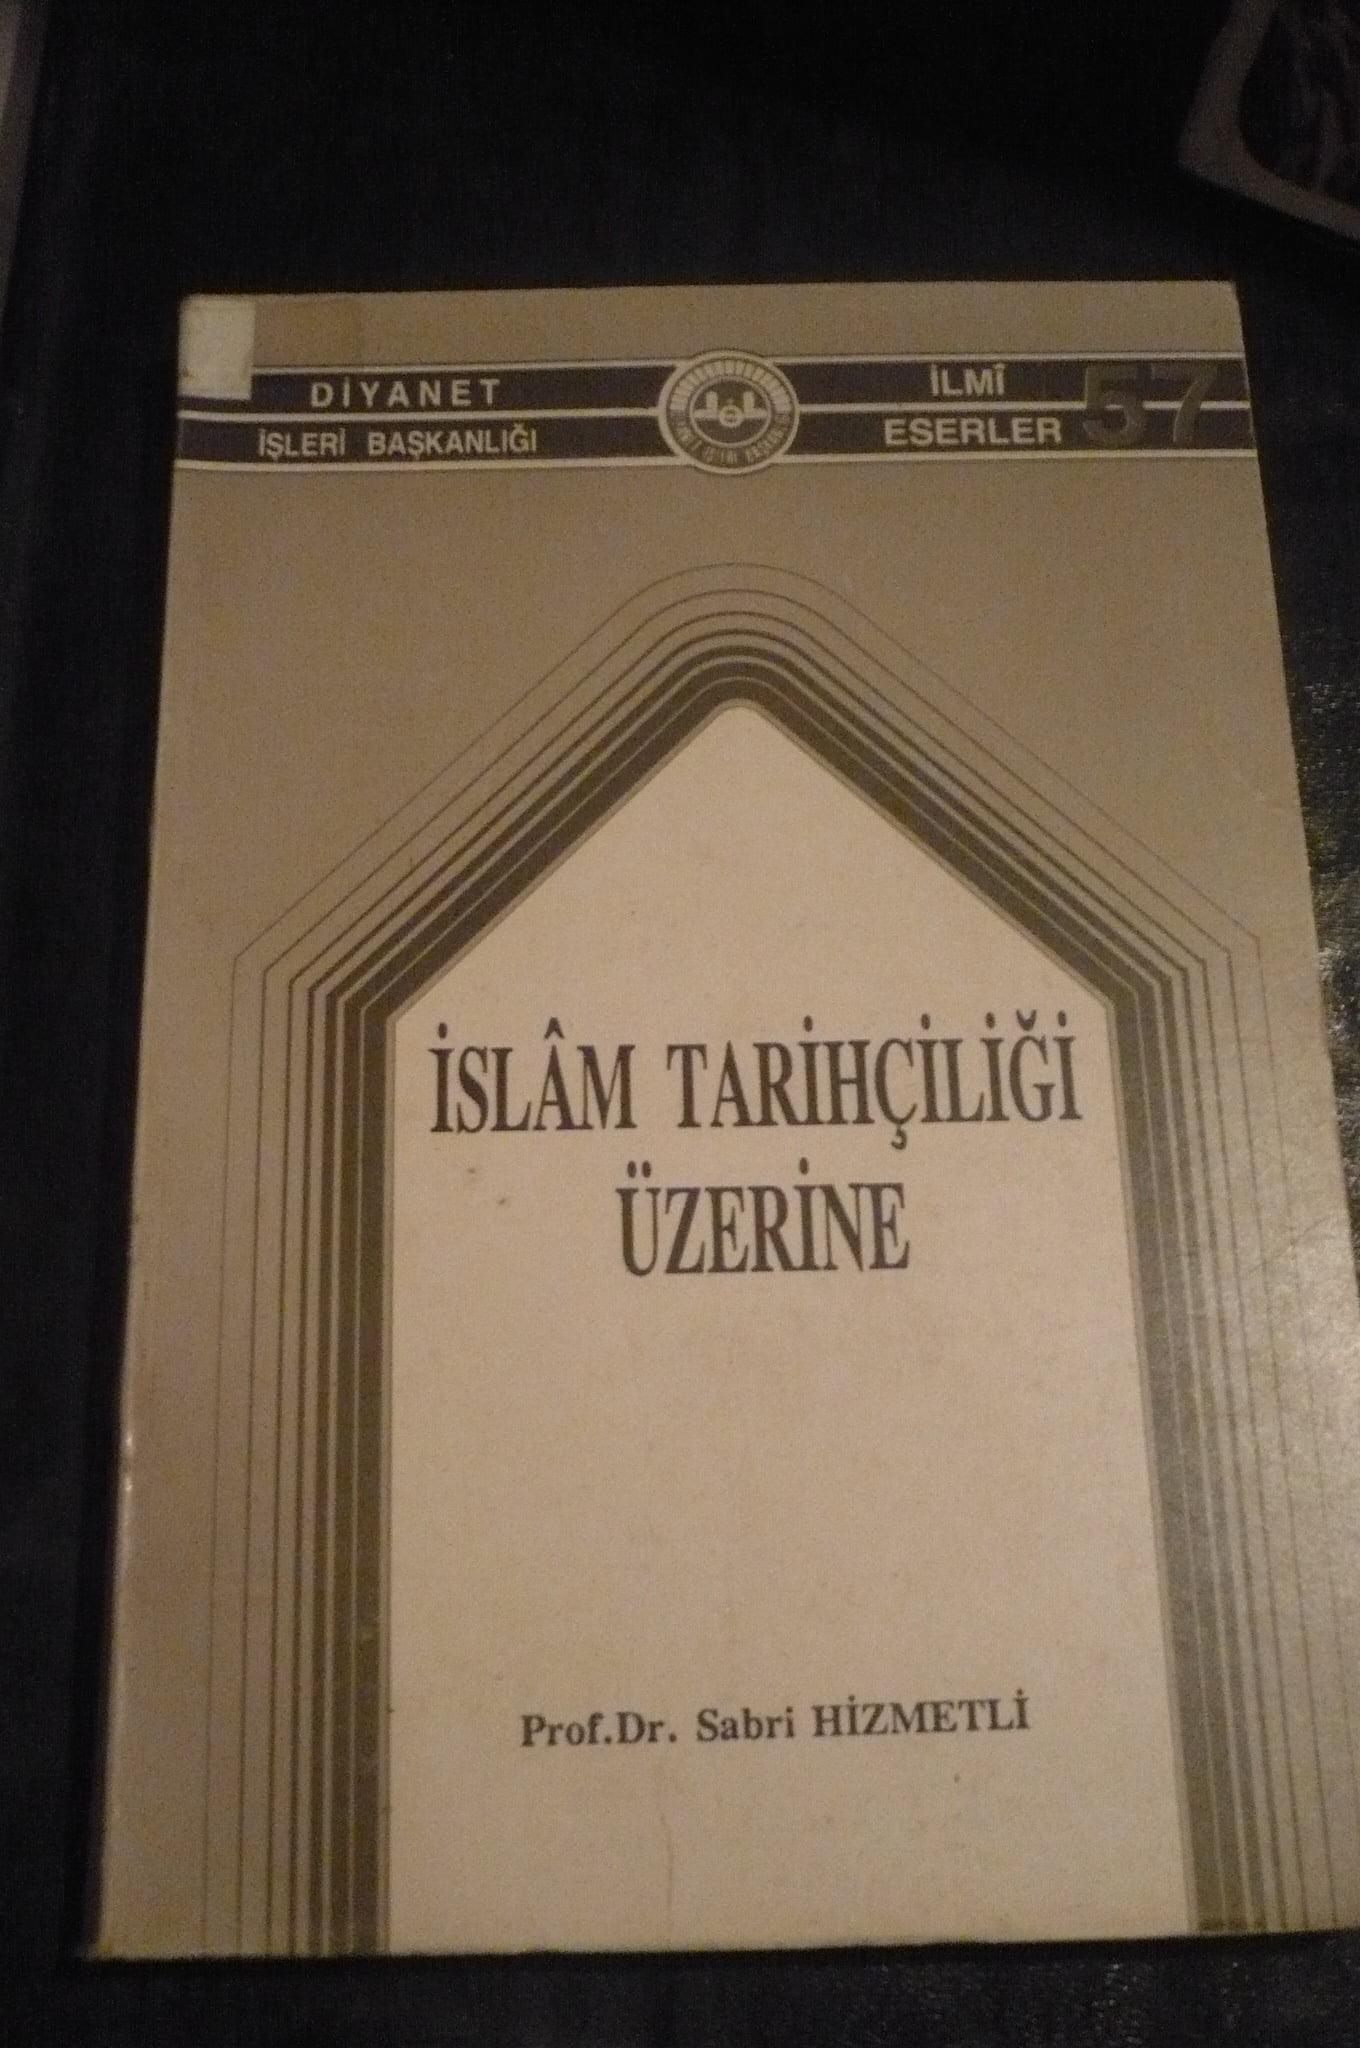 İSLAM TARİHÇİLİĞİ ÜZERİNE/Sabri HİZMETLİ/10 tl(satıldı)